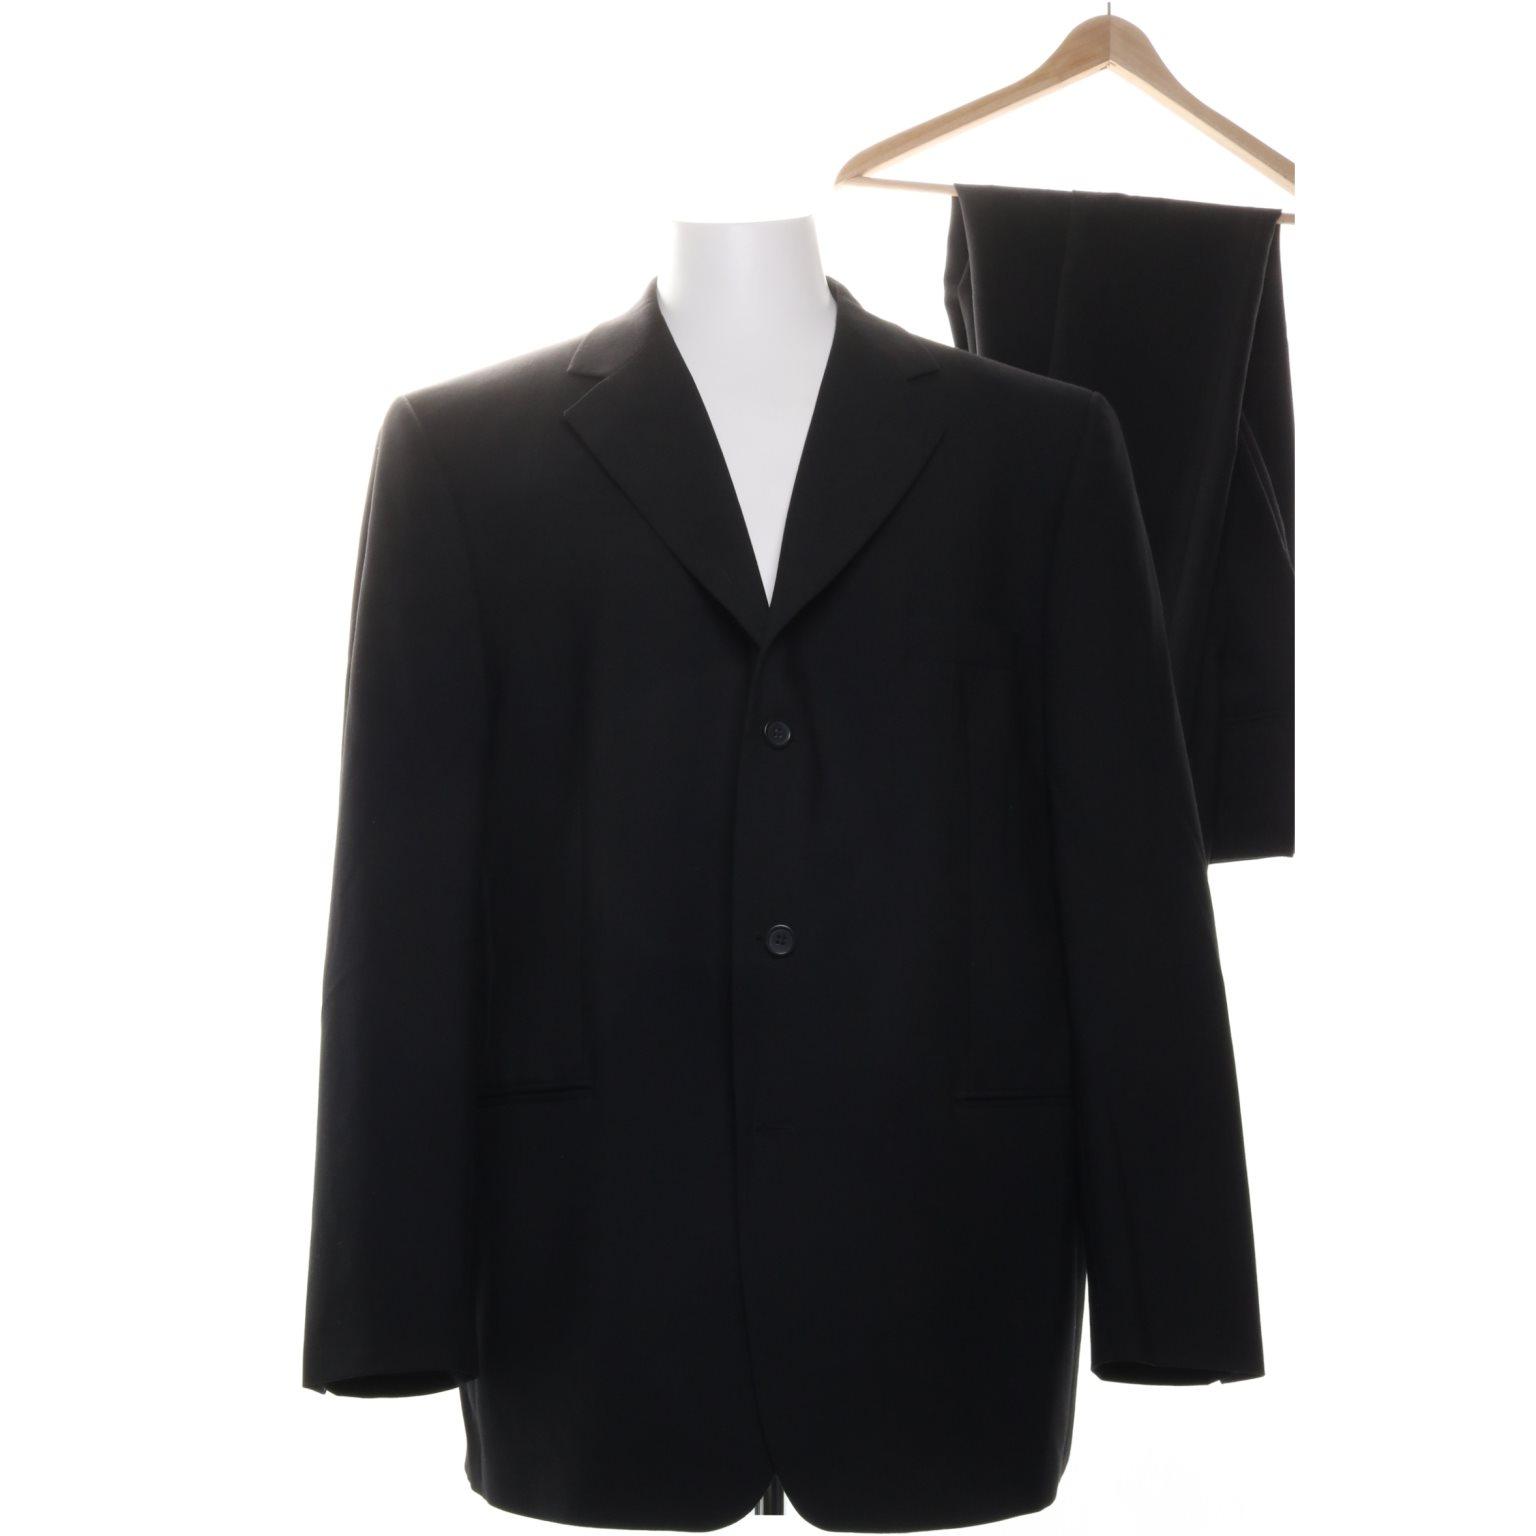 Batistini, Kostym, Strl: Xl, Svart, Ull/Polyester